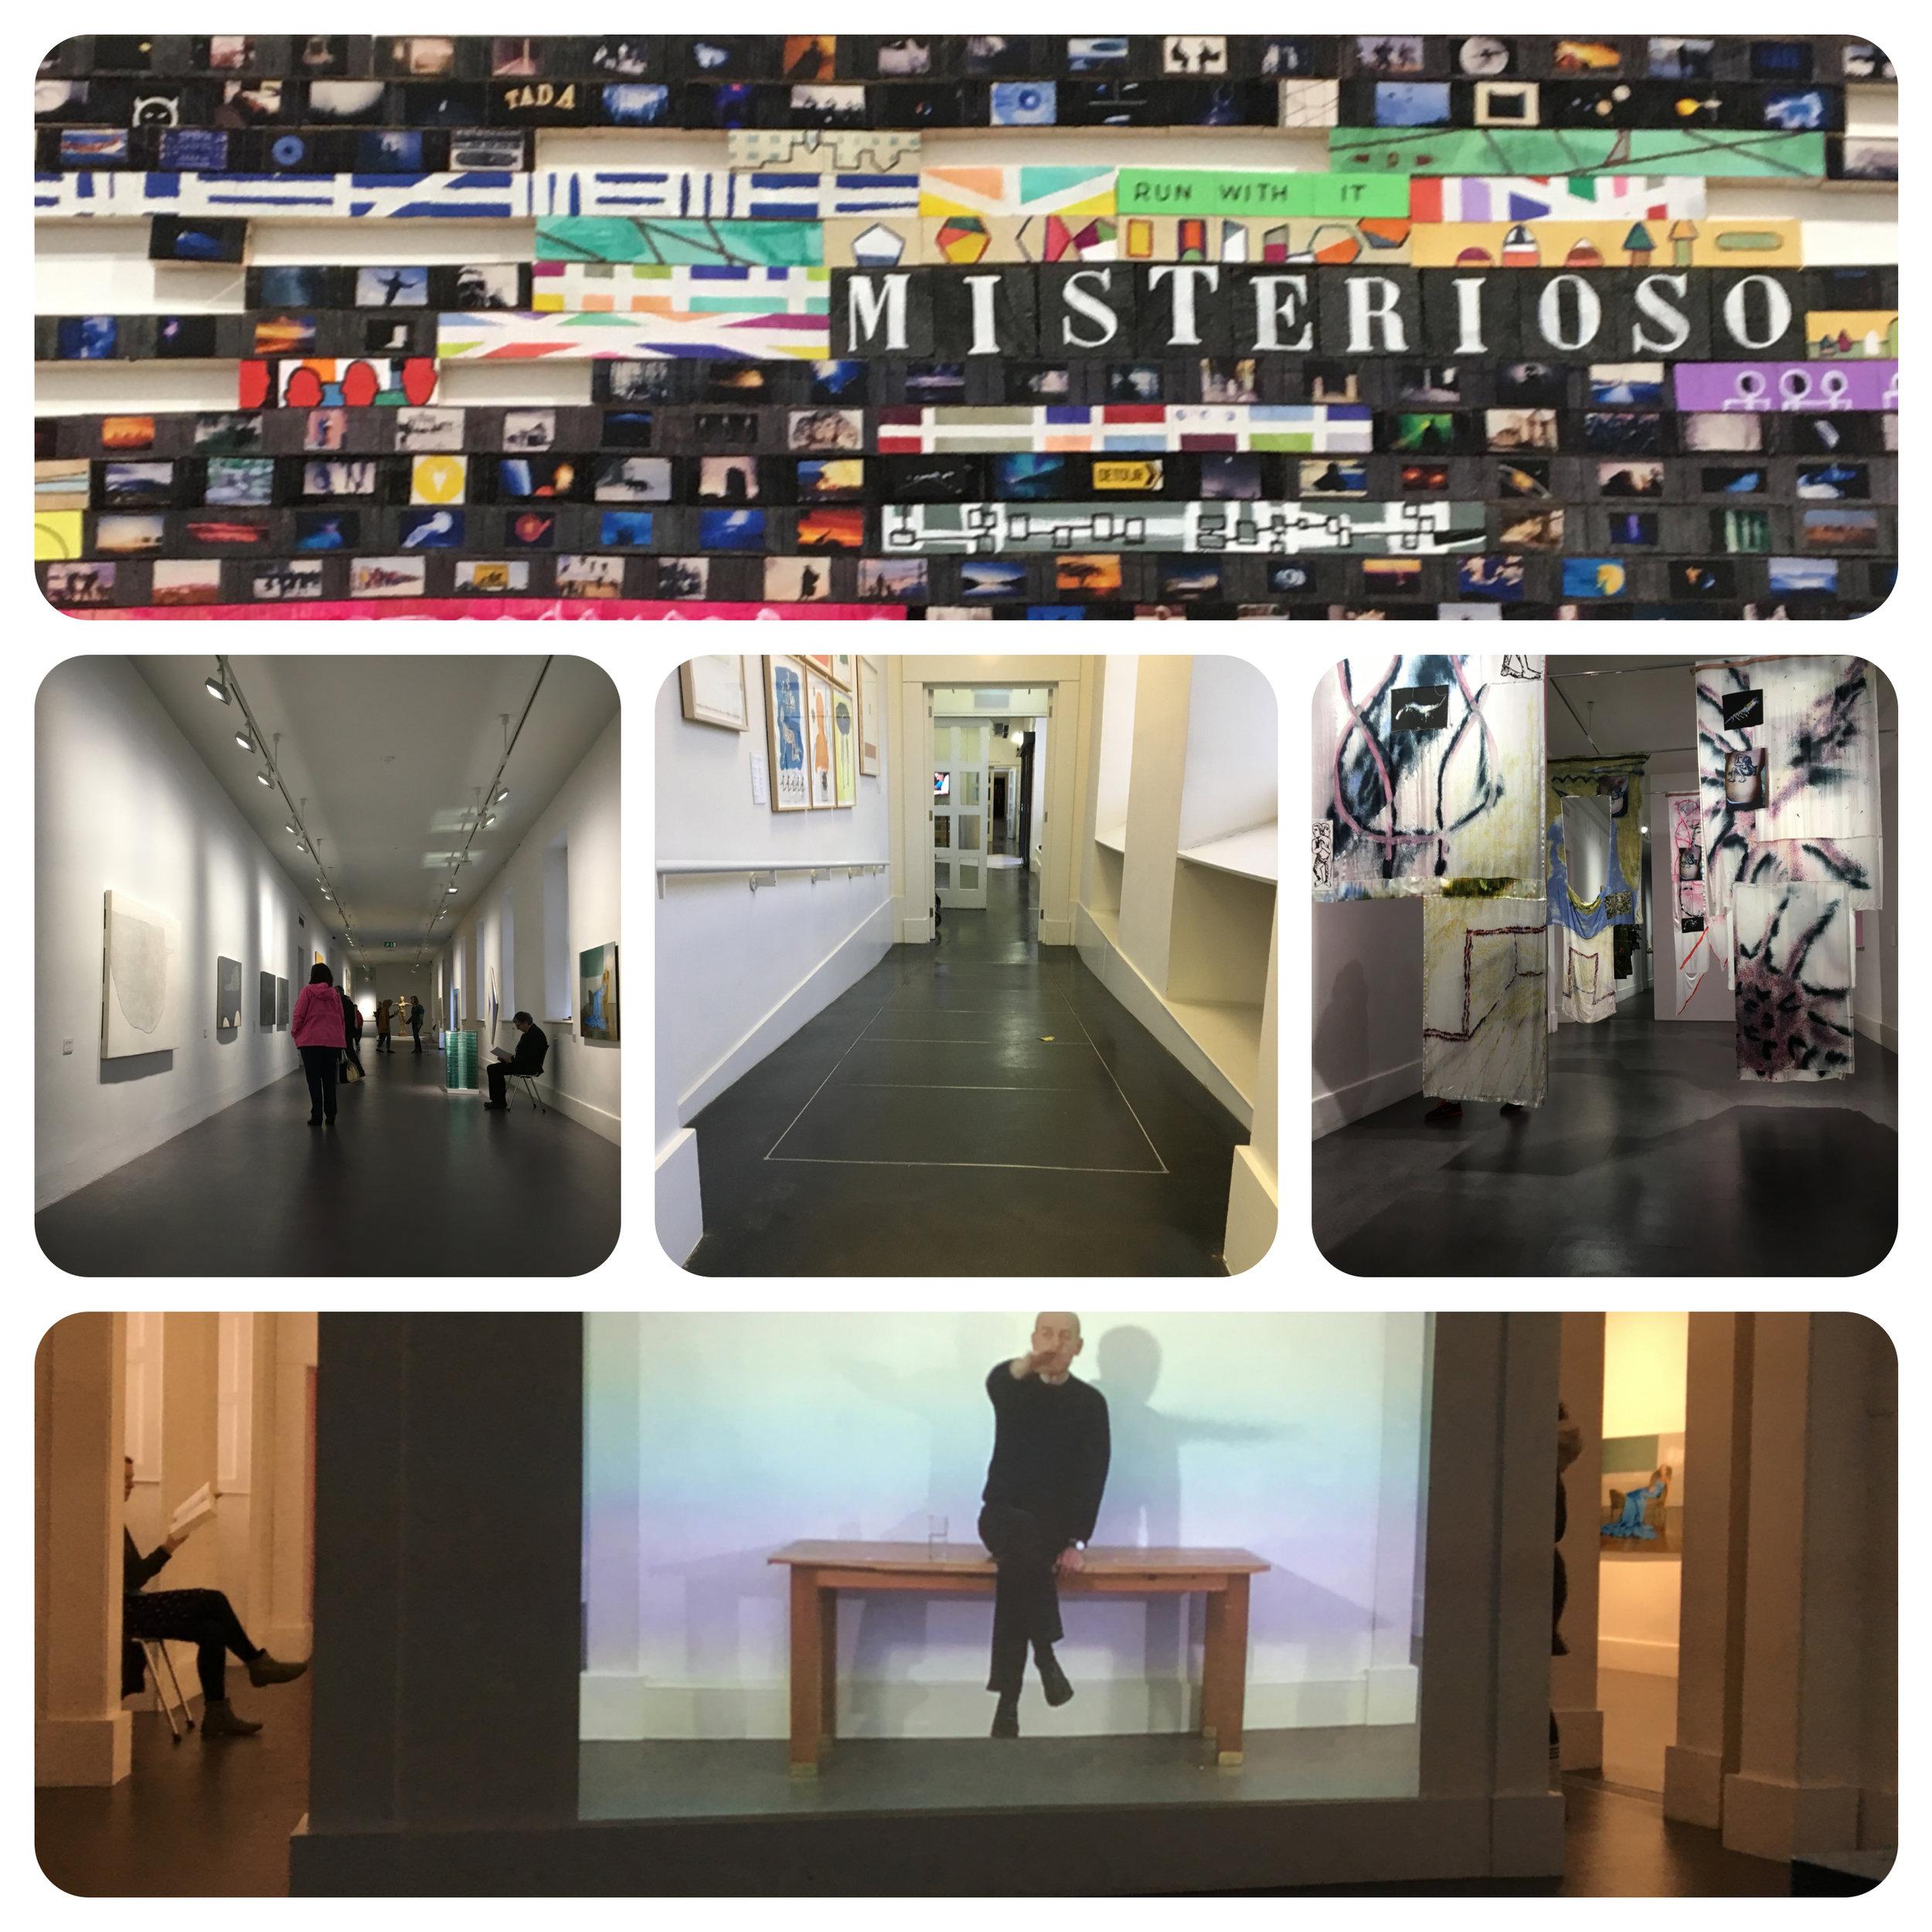 Corridor and Exhibition halls.